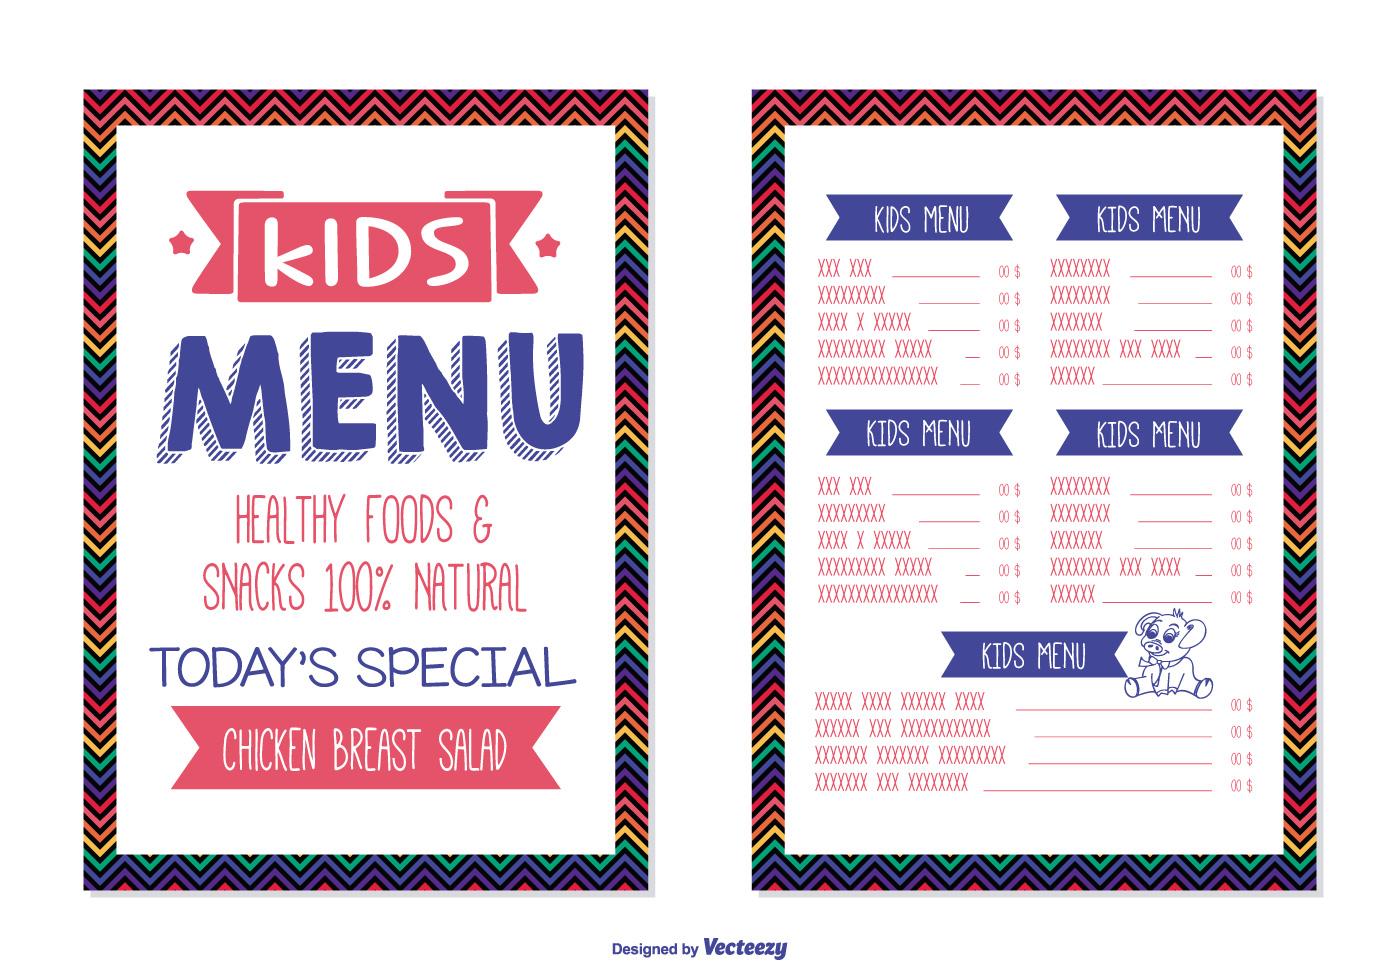 Plantilla de menú para niños - Descargue Gráficos y Vectores Gratis